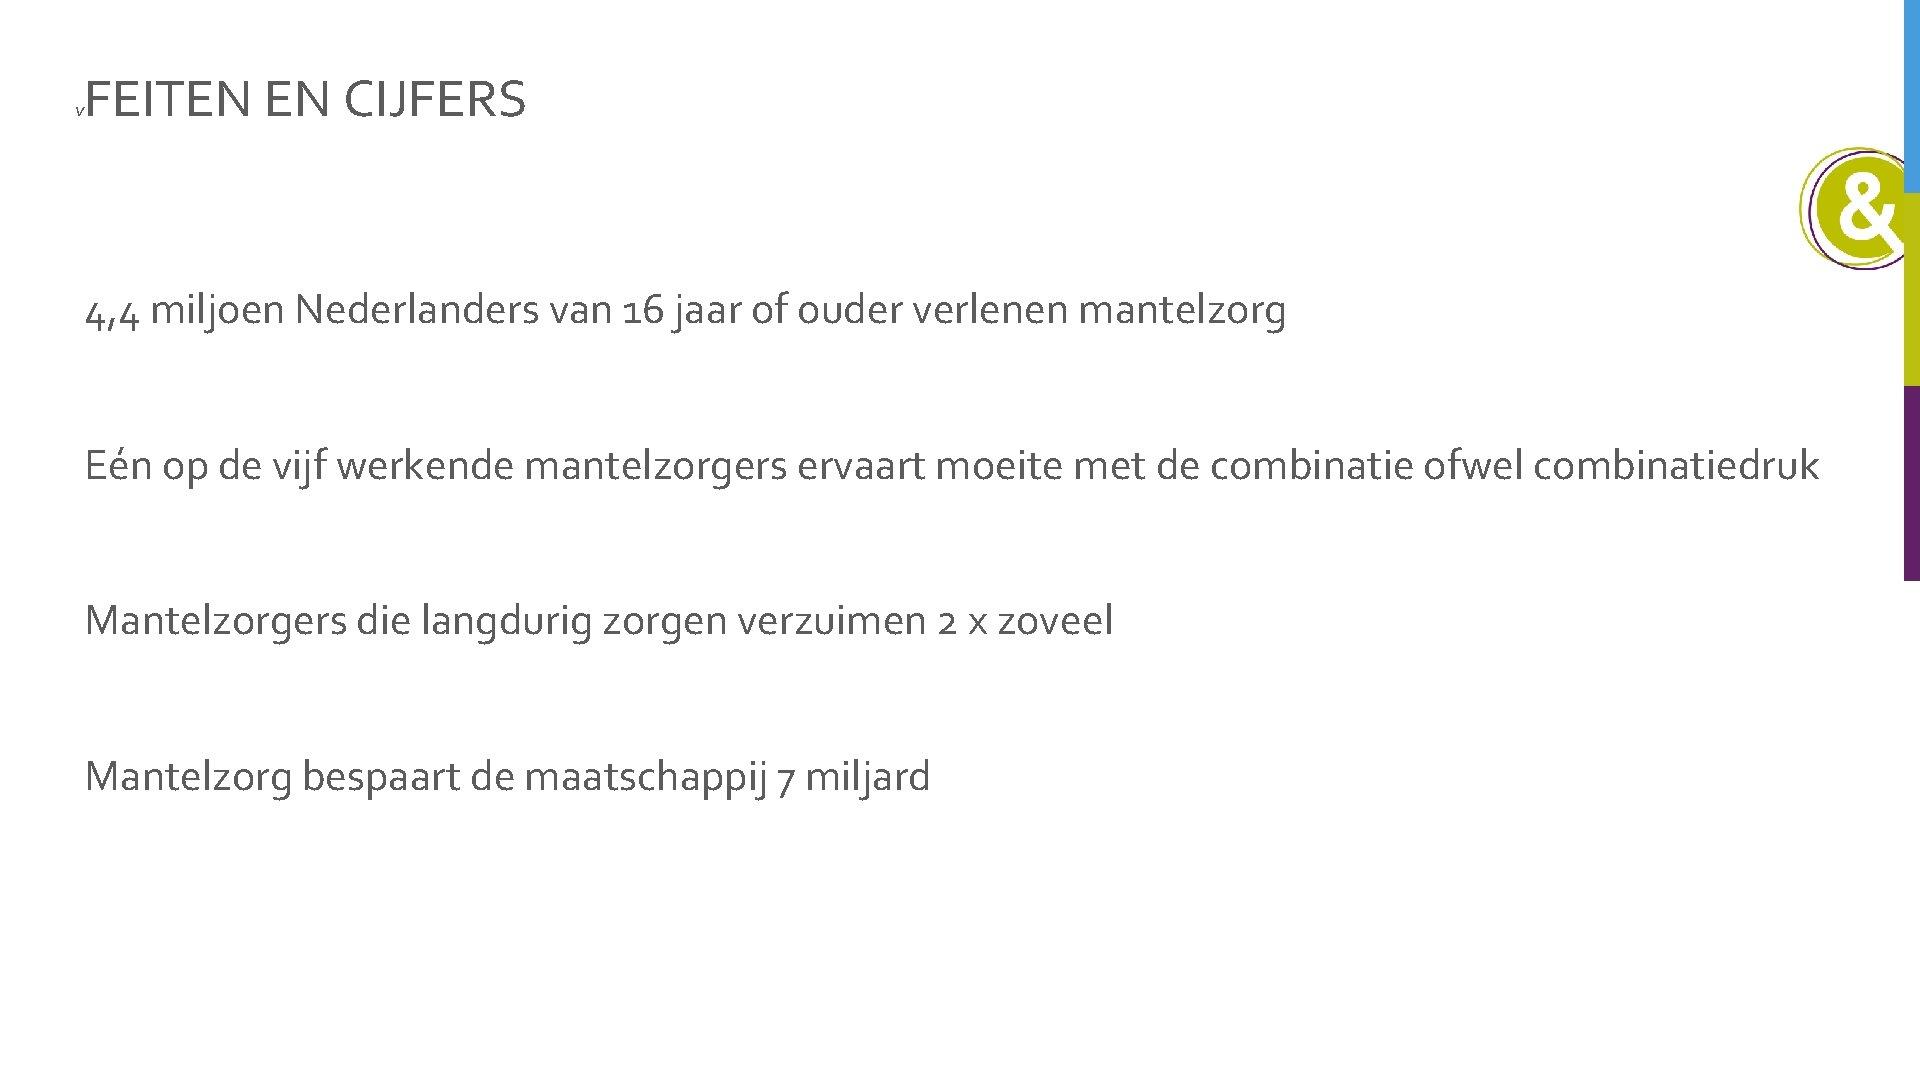 v FEITEN EN CIJFERS 4, 4 miljoen Nederlanders van 16 jaar of ouder verlenen